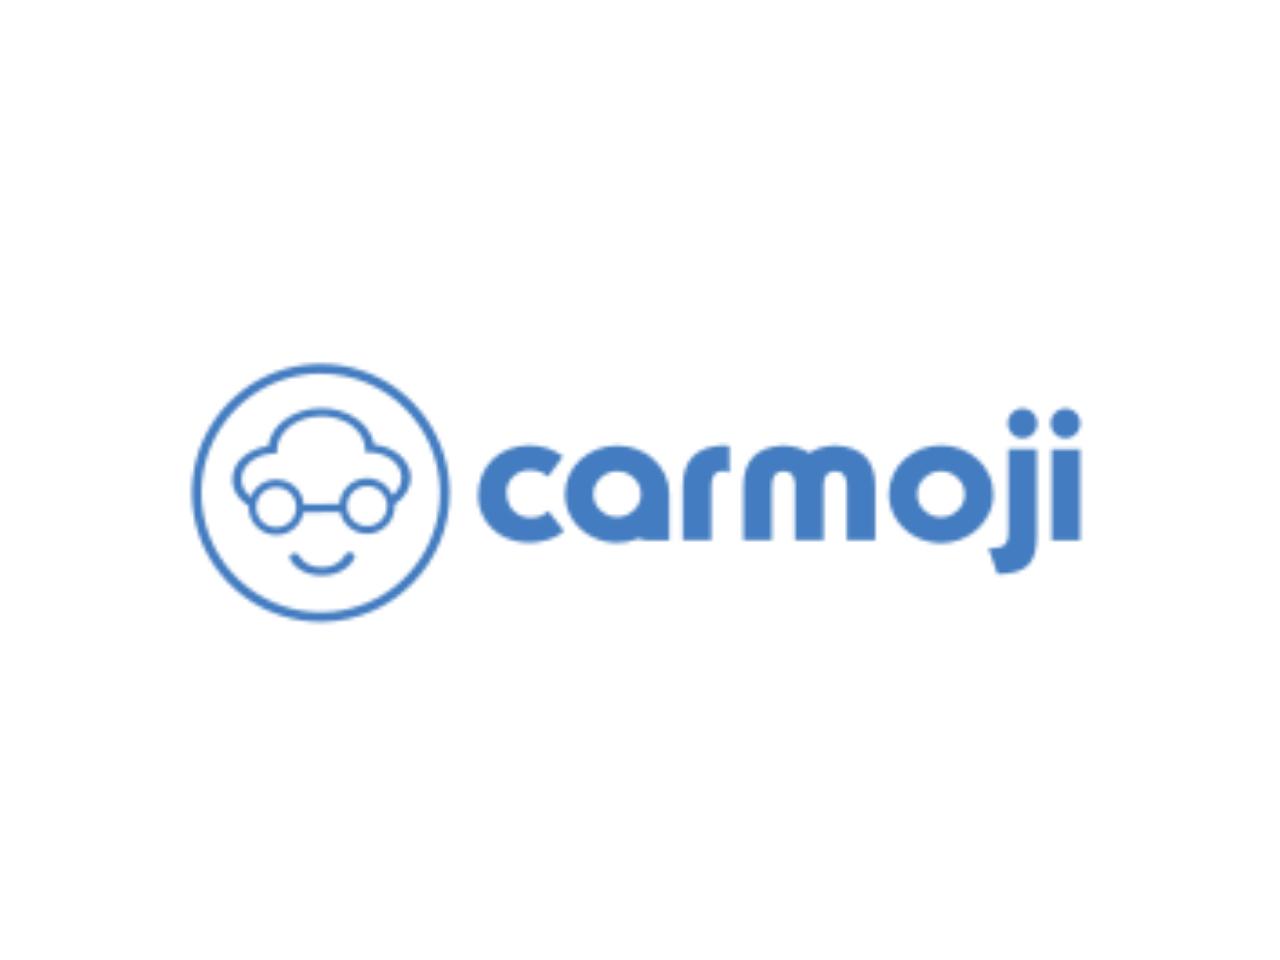 Carmoji Review